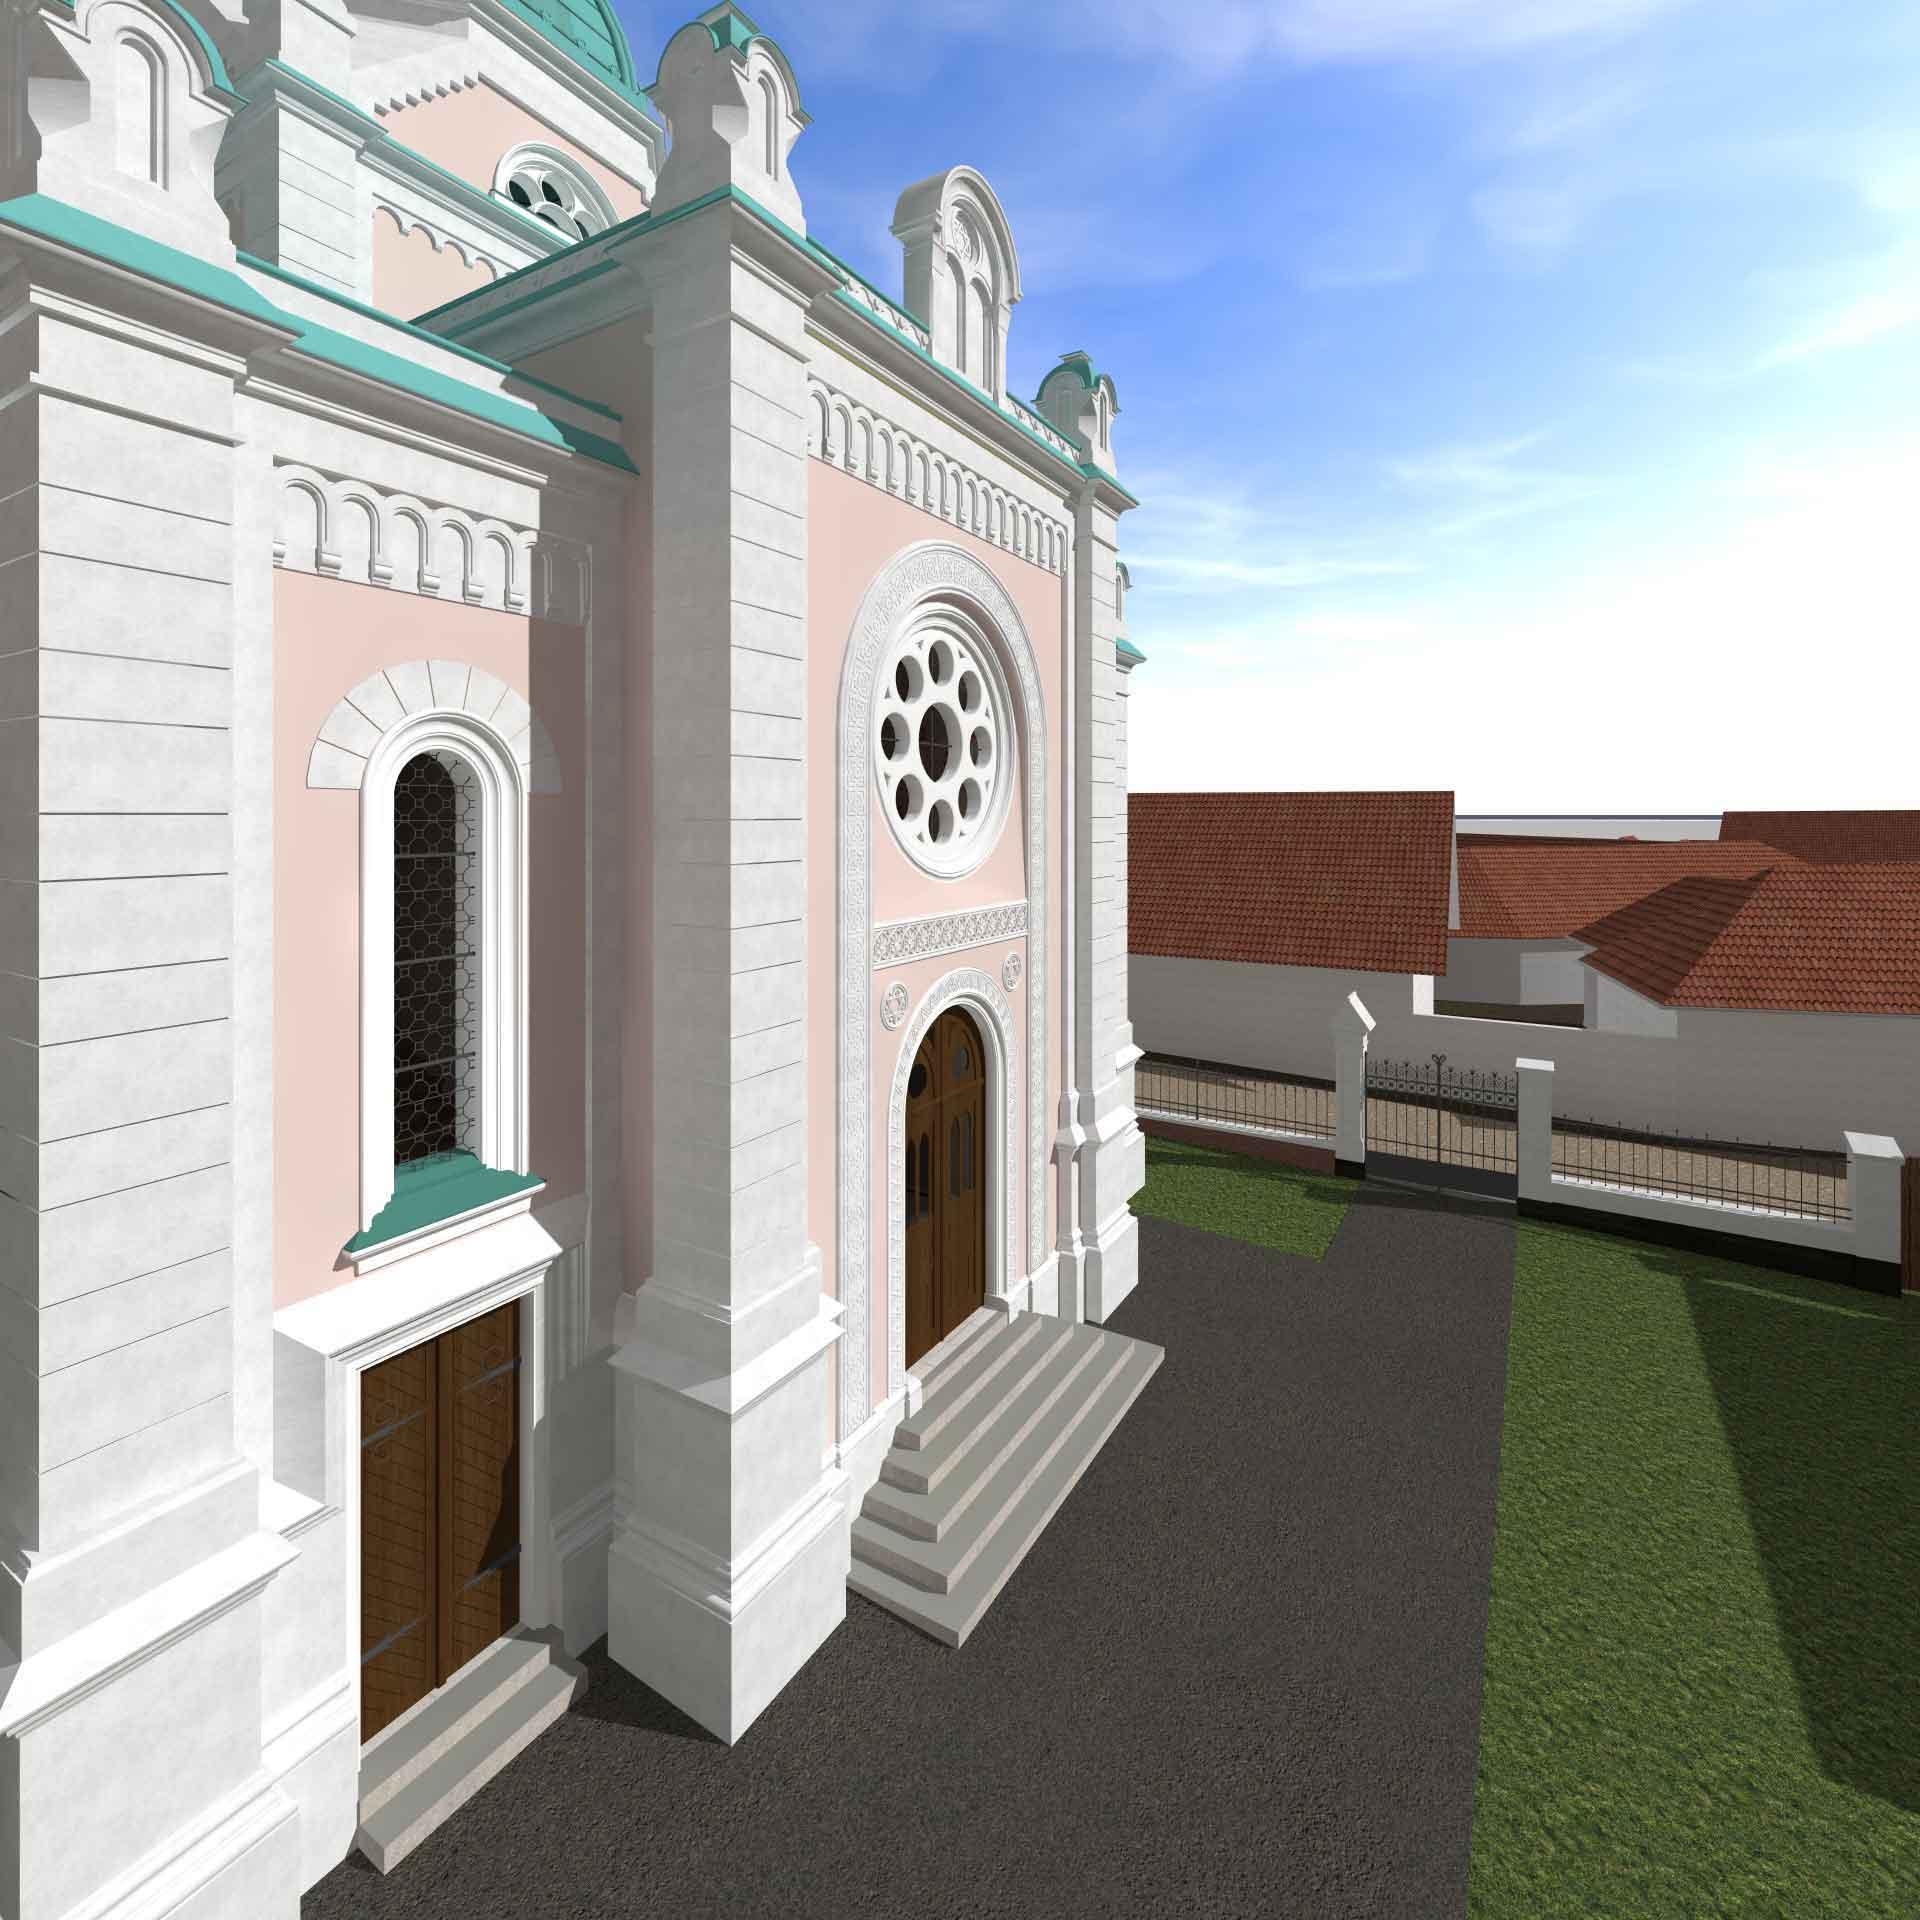 Eingangsfassade mit Vorplatz